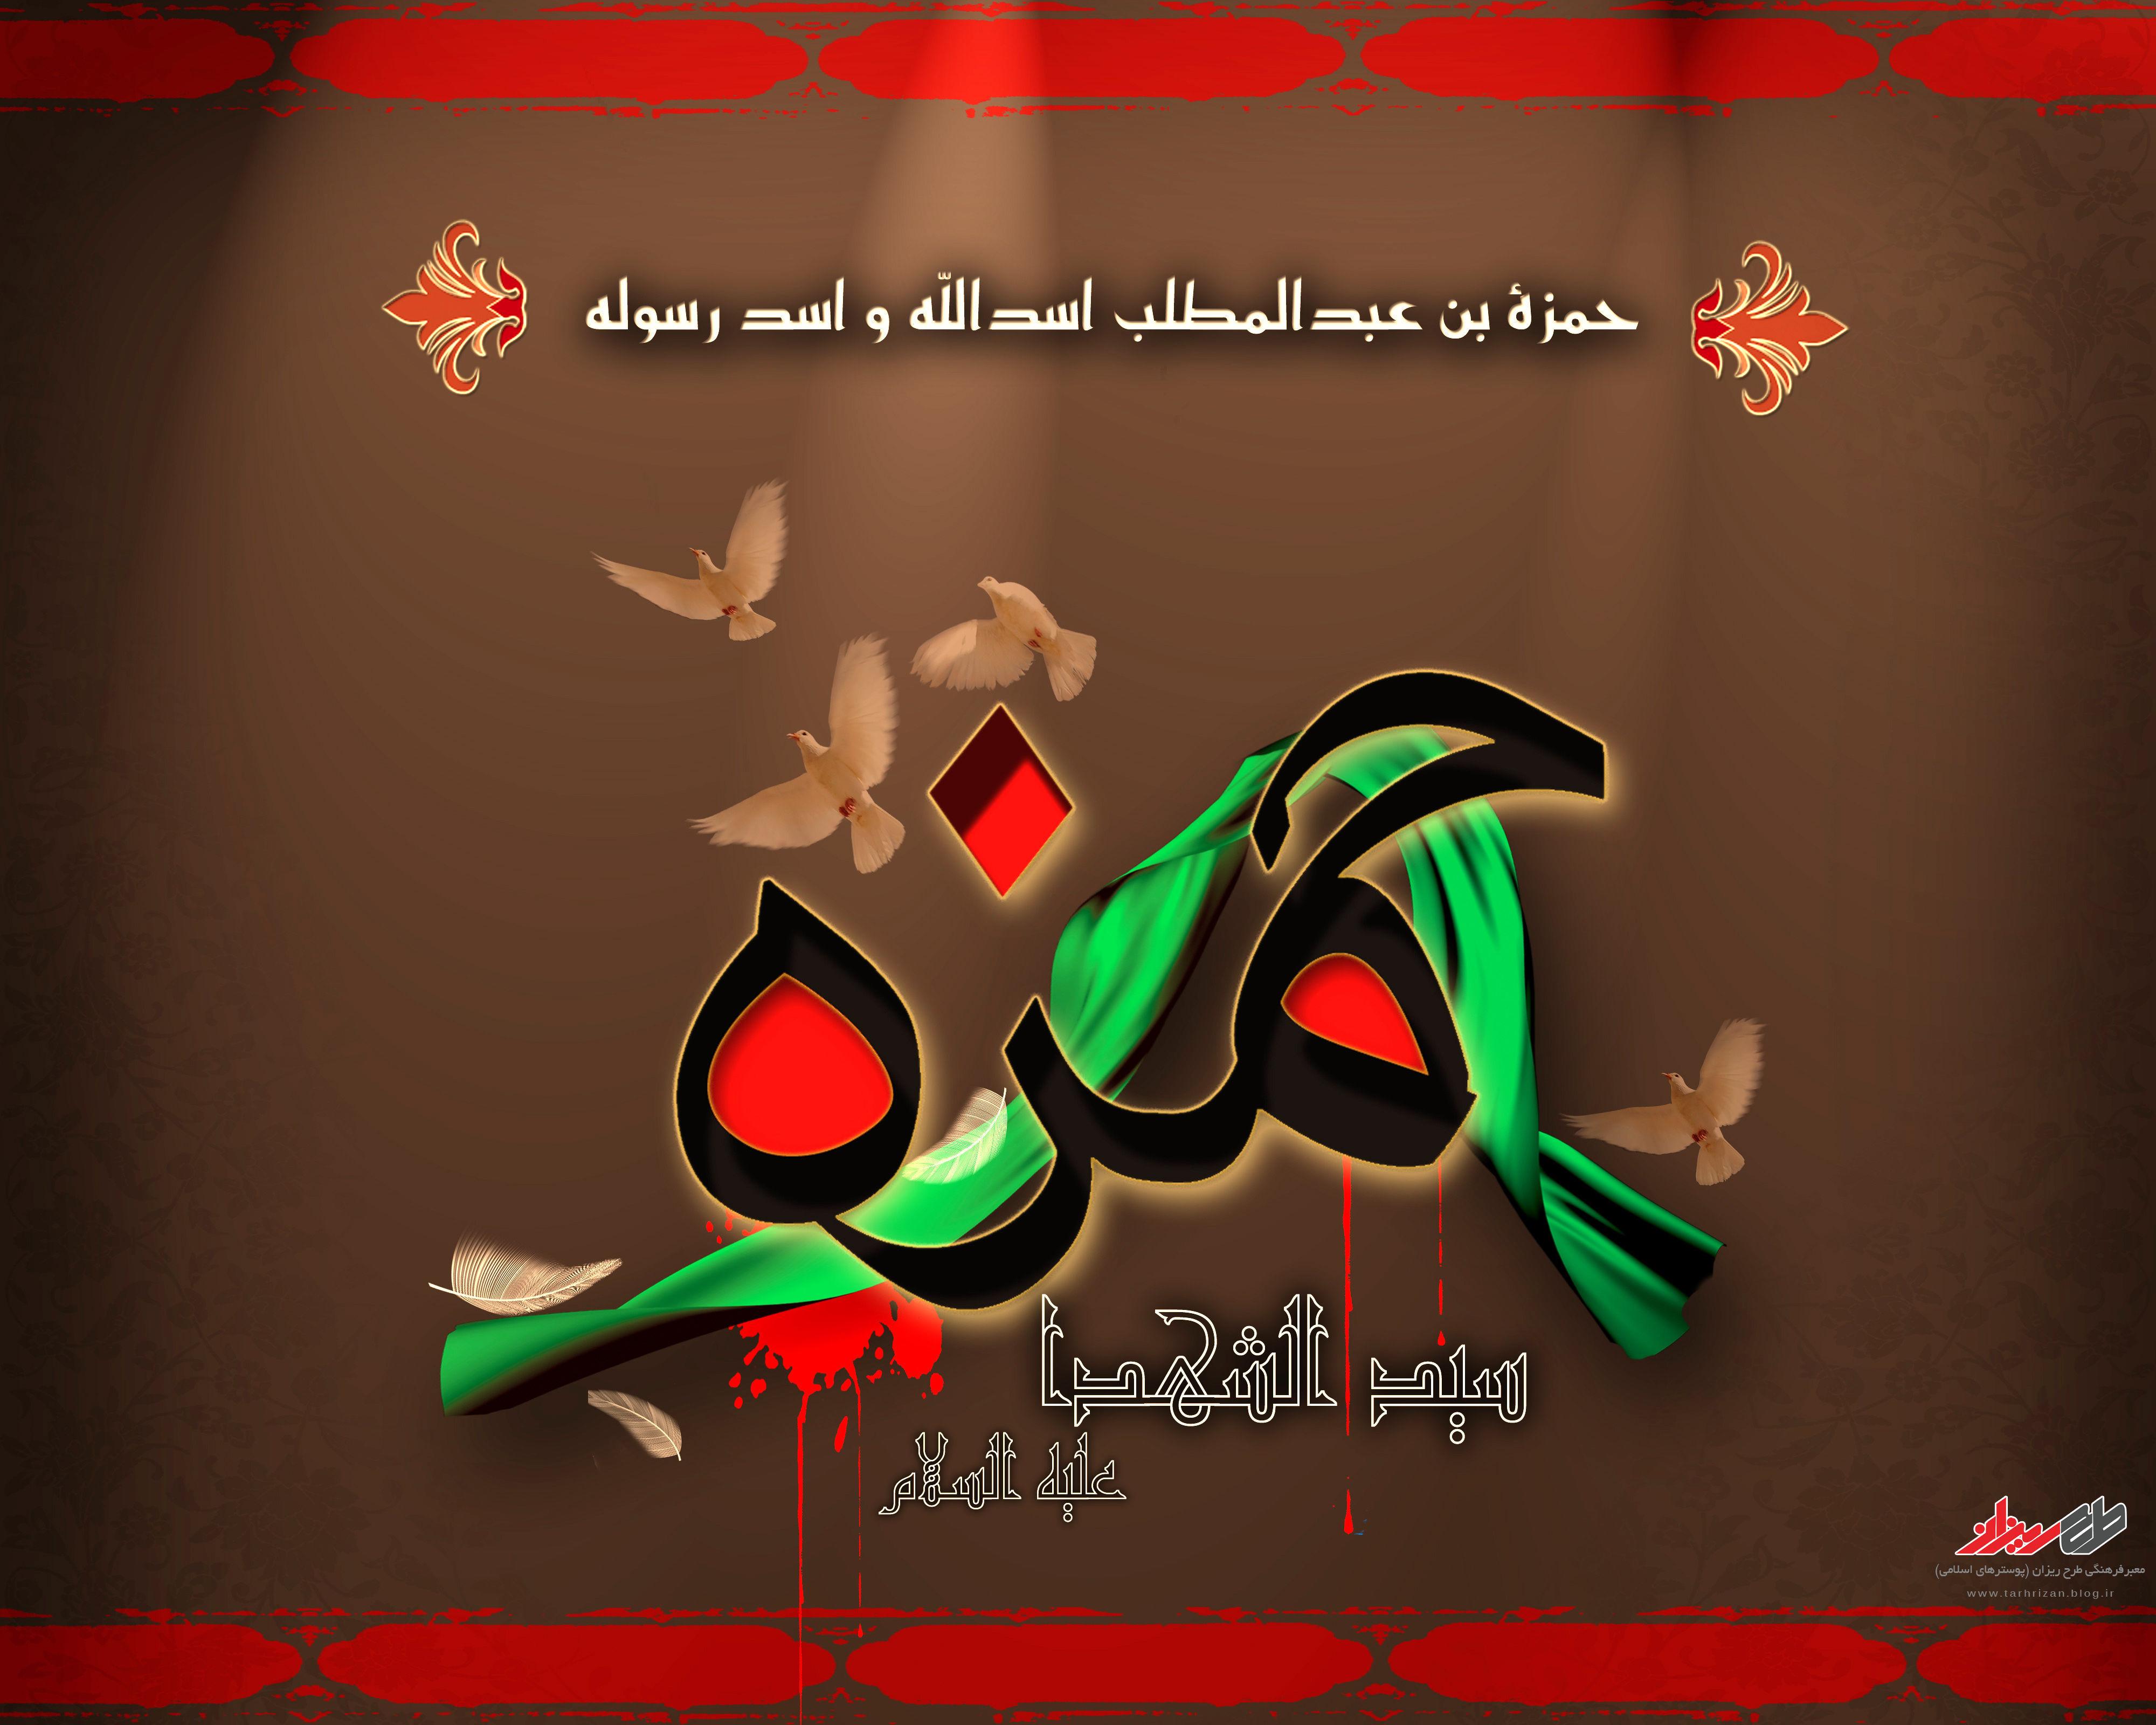 دانلود گلچین مداحی های شهادت حضرت حمزه علیه السلام